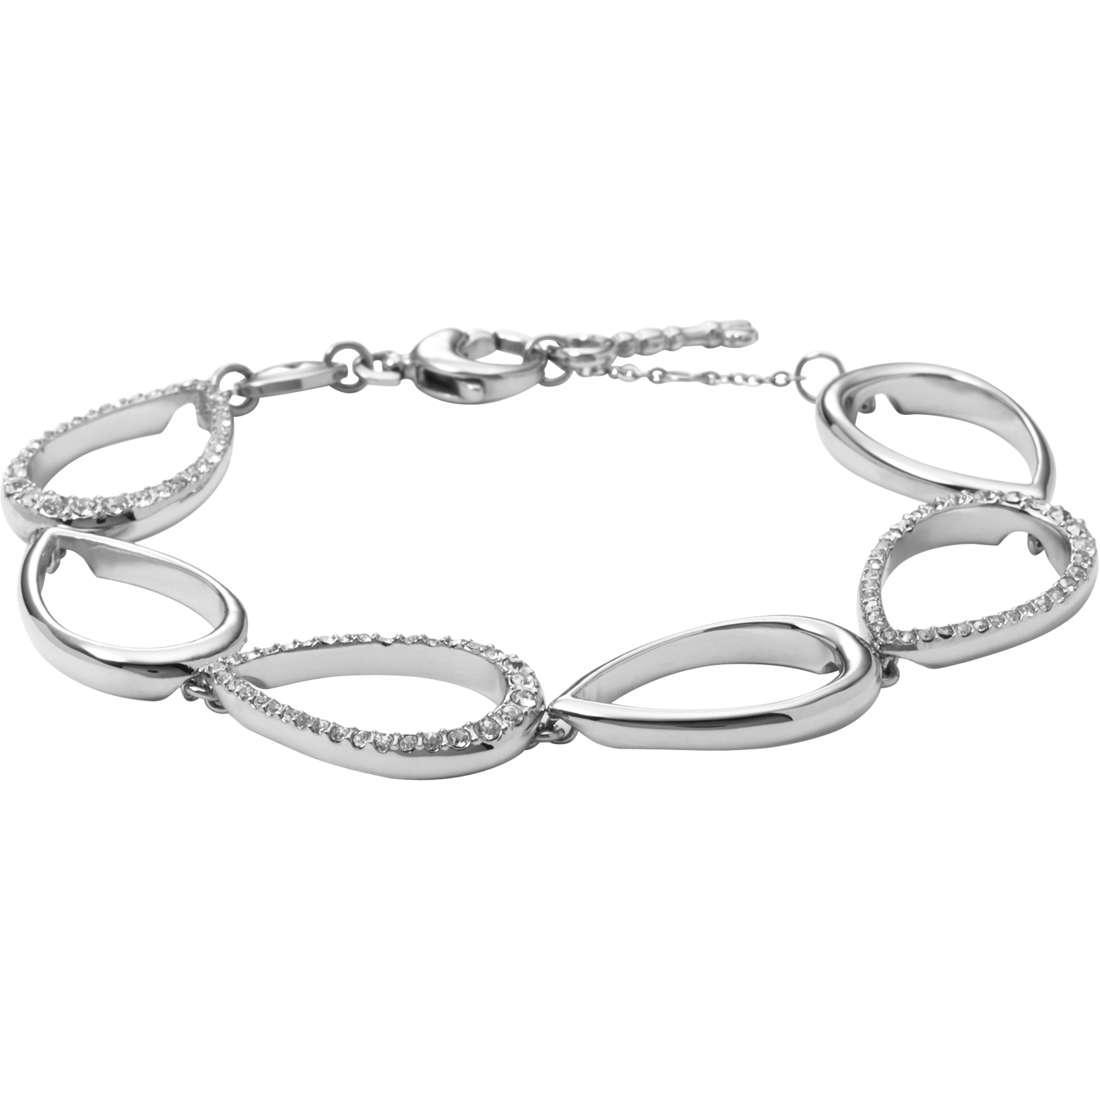 bracelet woman jewellery Fossil JF00449040